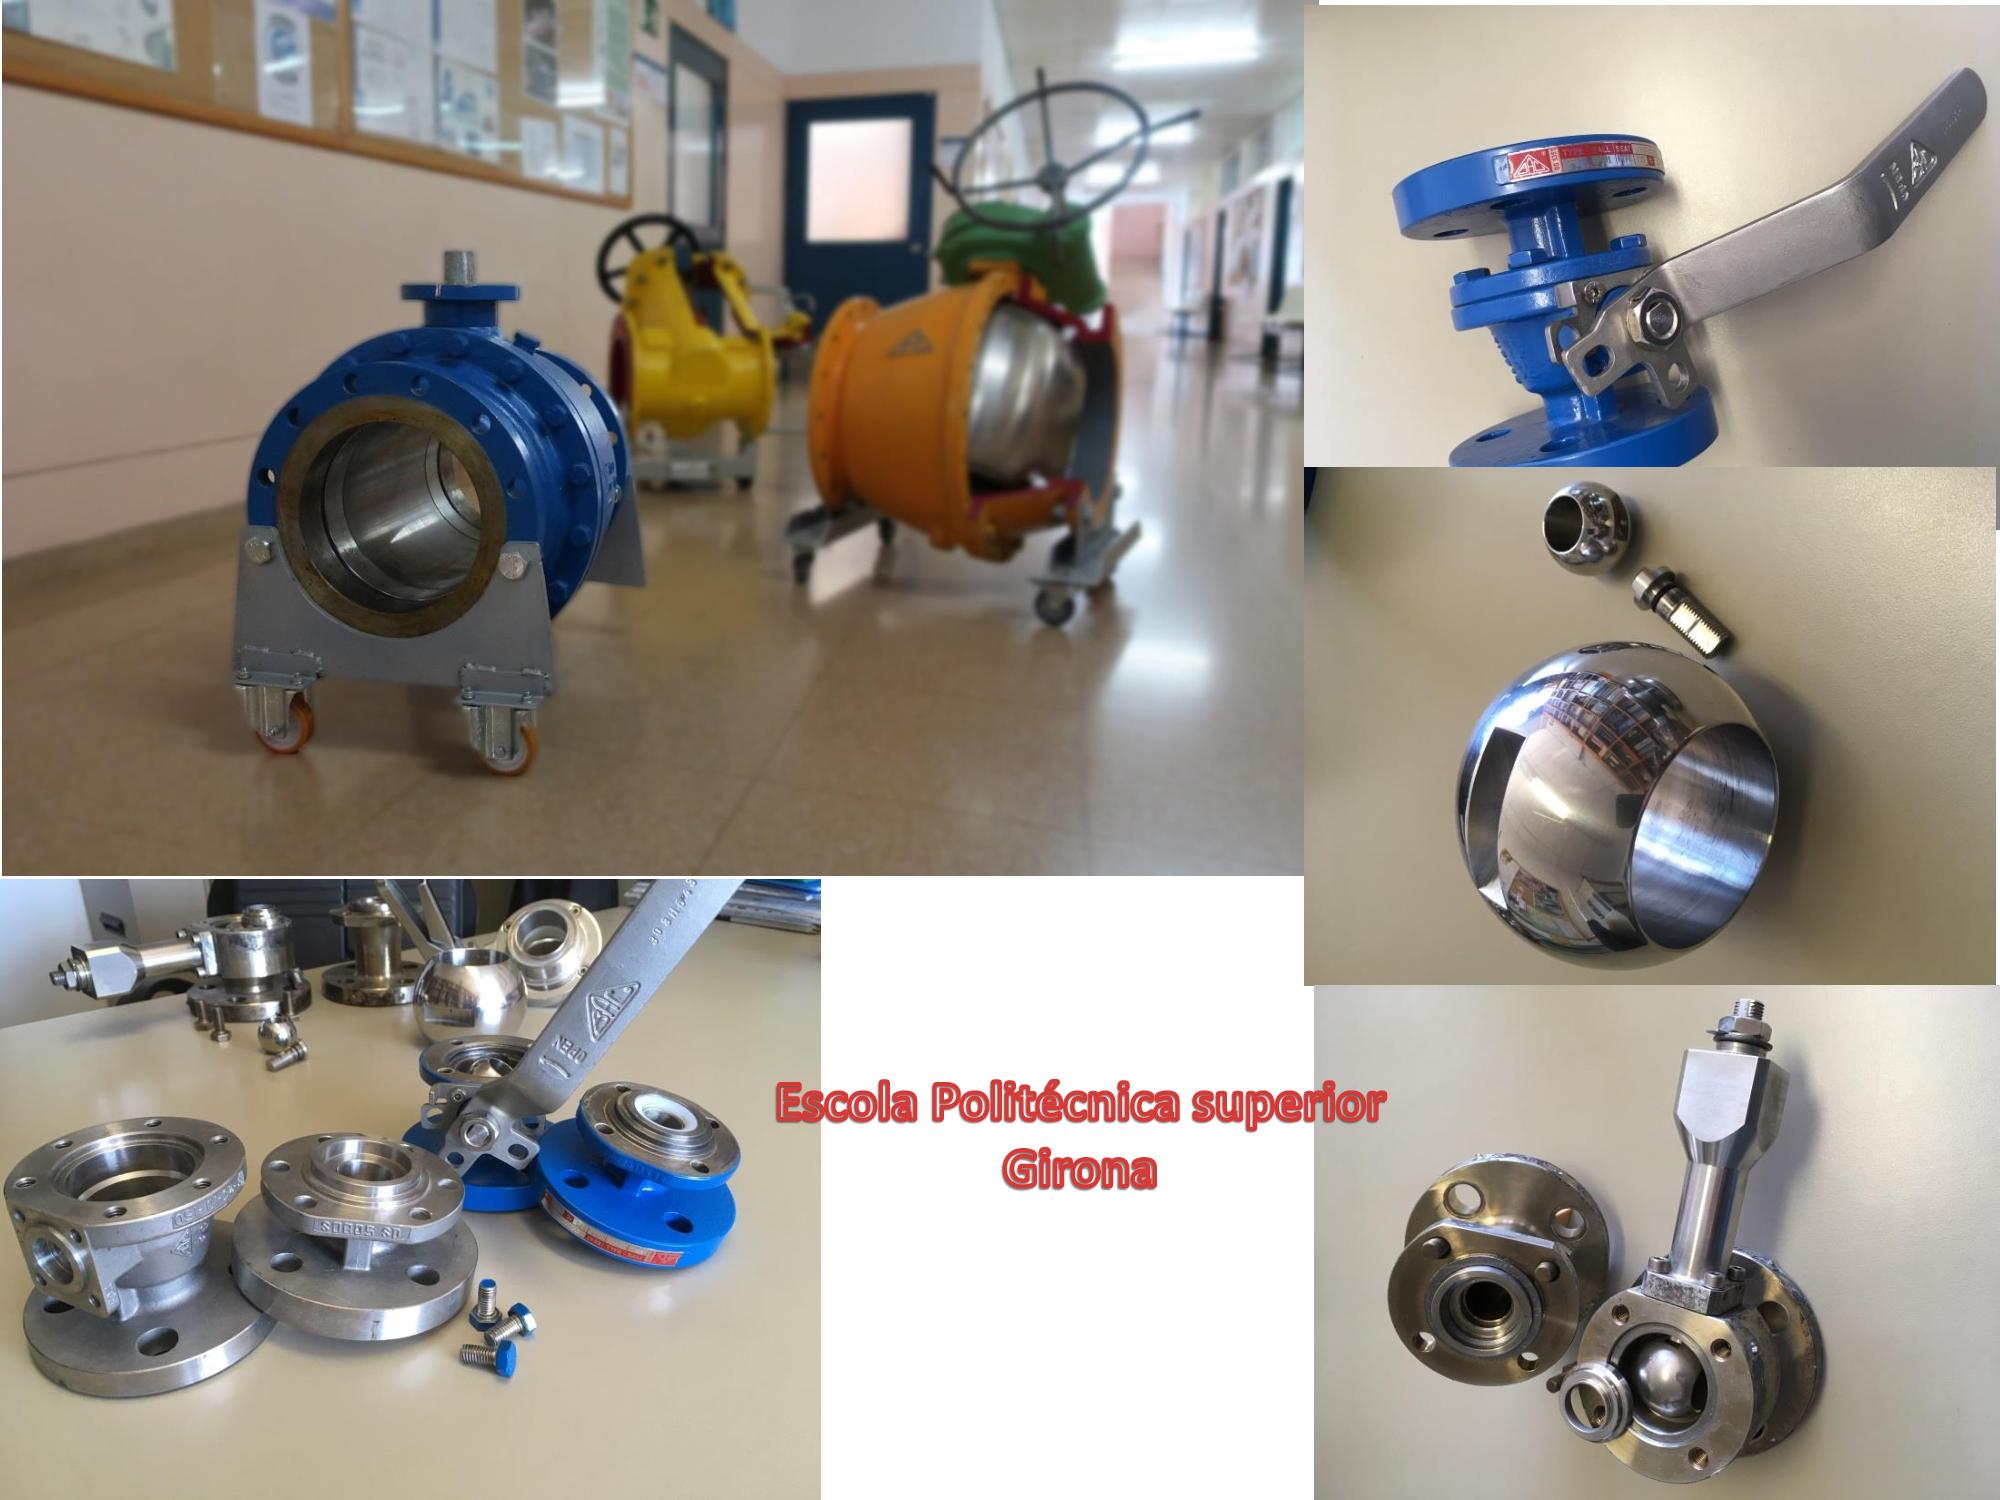 Bac valves col·labora amb l'Escola politècnica superior de la UDG